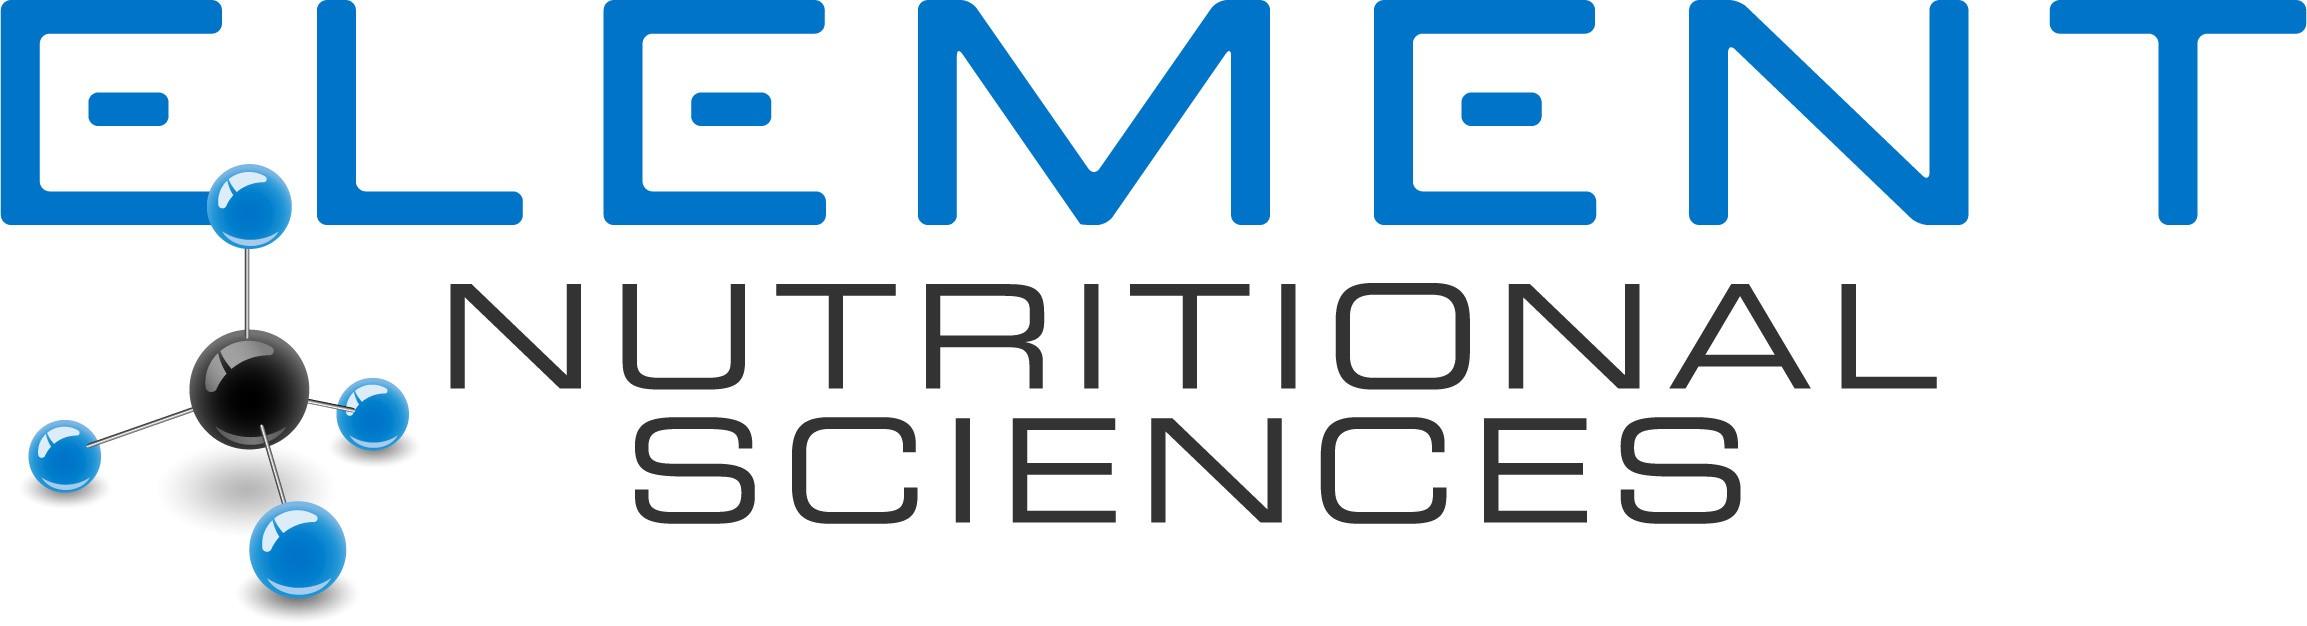 Element Nutritional Sciences Inc.